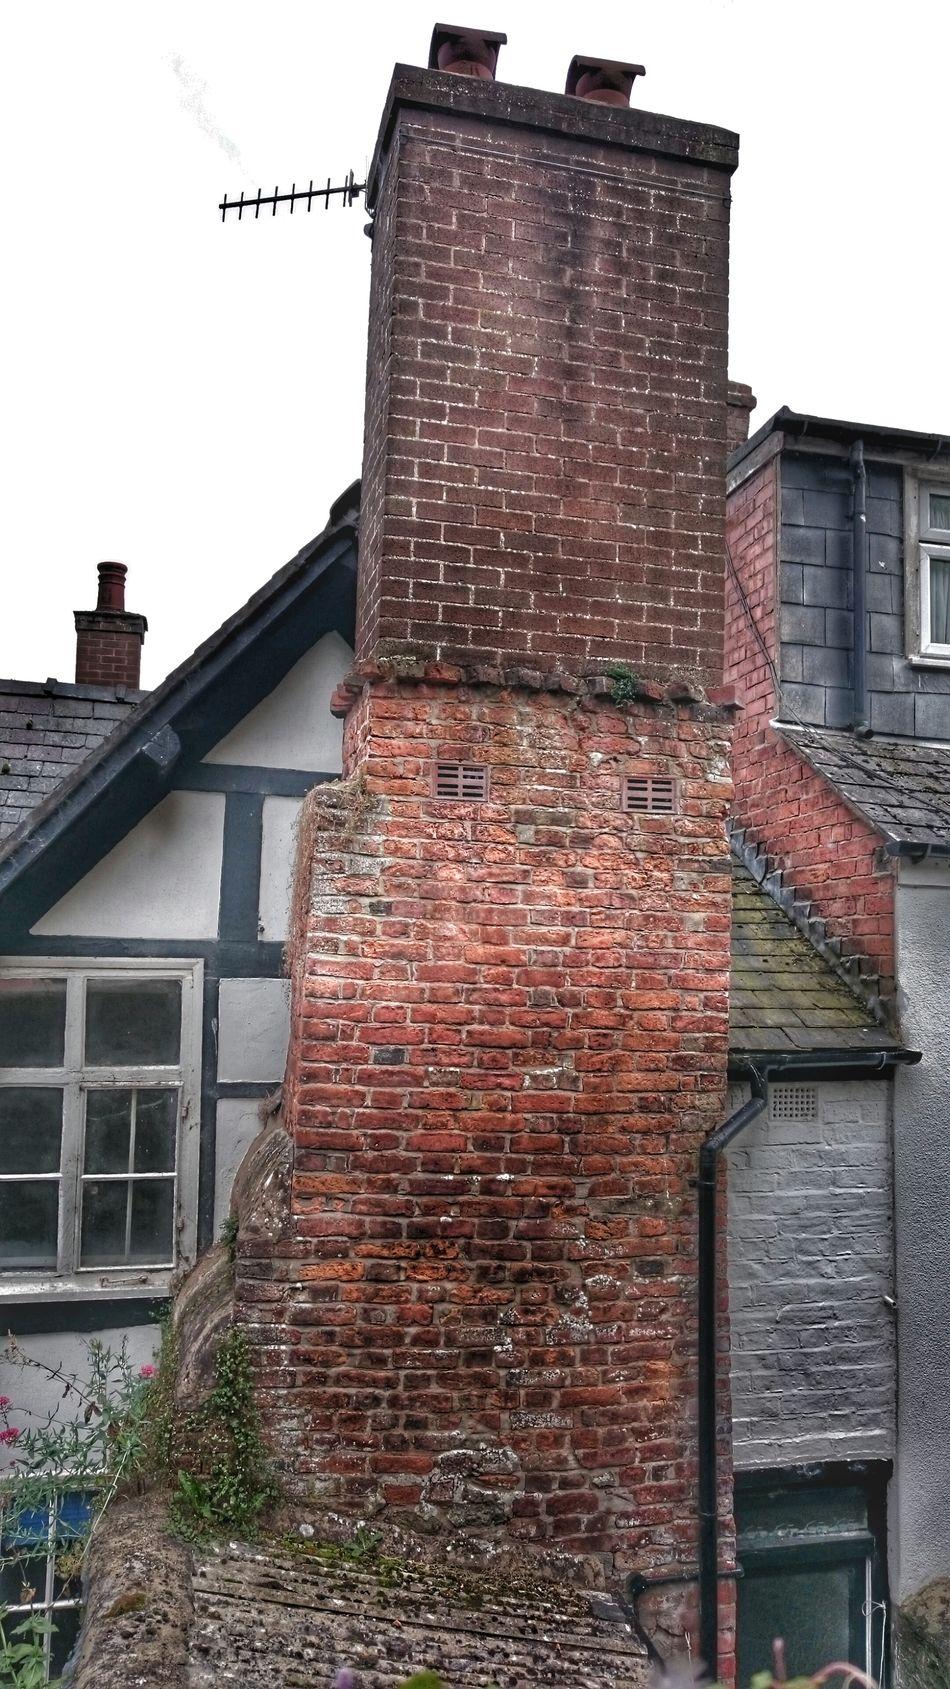 Chimney Building Exterior Architecture Built Structure Chimney Bricks Chimneys Chimney Tops ChimneySweep